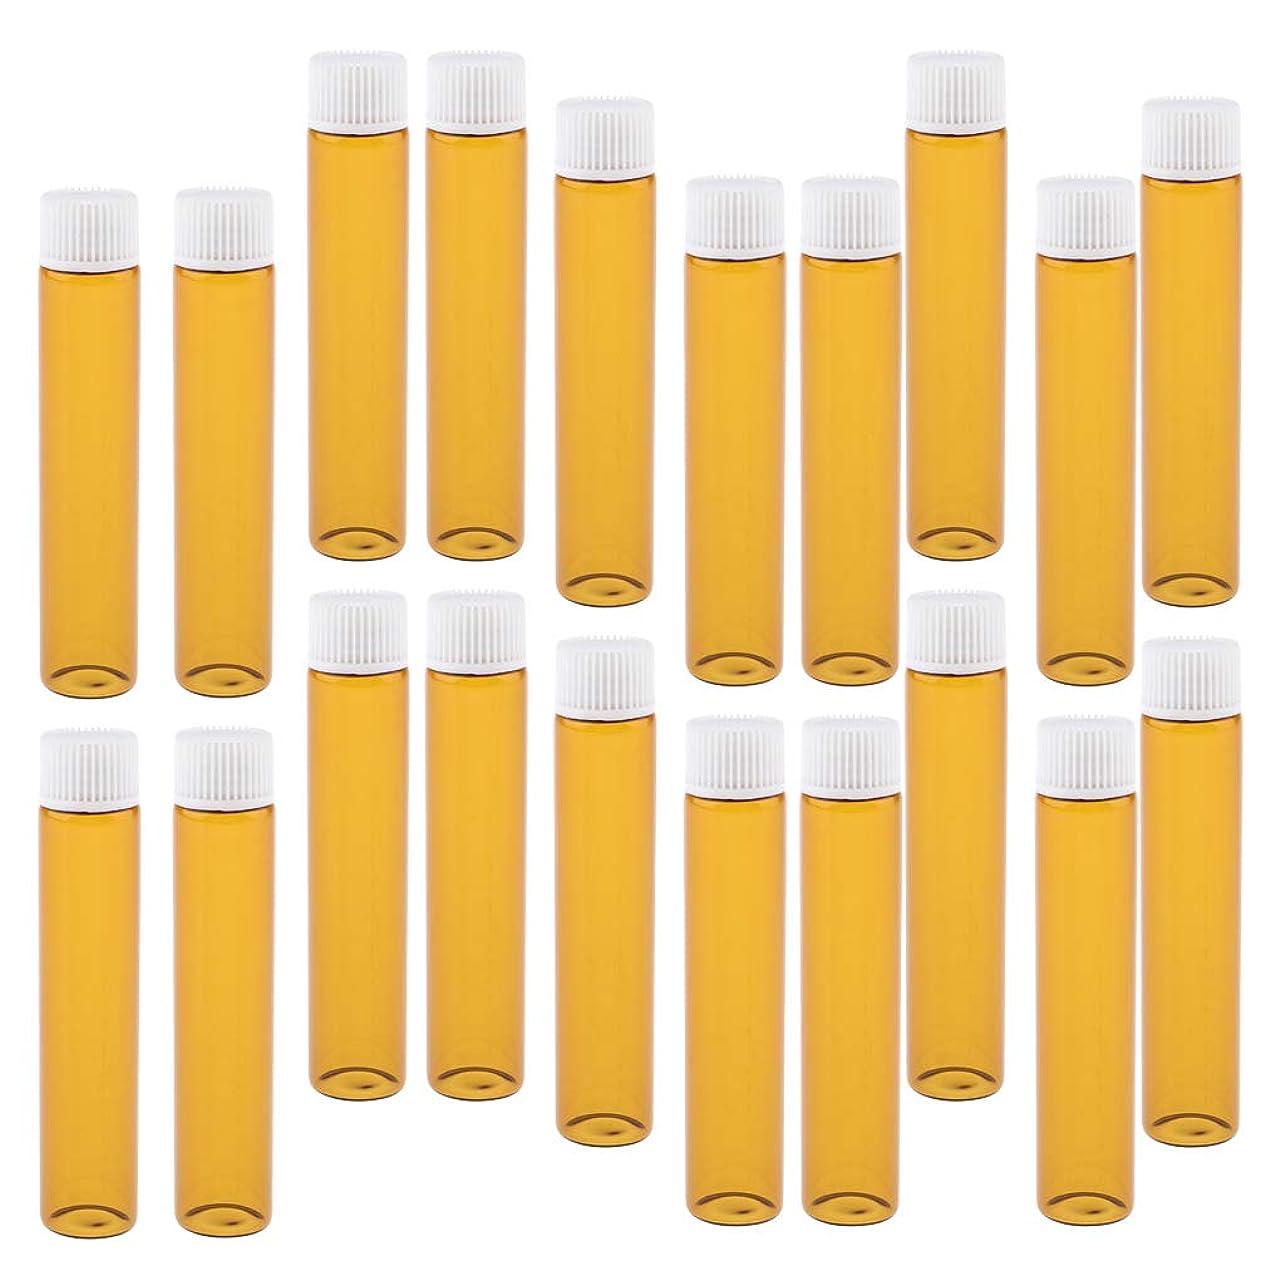 Sharplace 詰替え容器 香水ボトル ガラスボトル 小分け容器 小分けボトル ガラス製 20個 全4色 - ホワイト